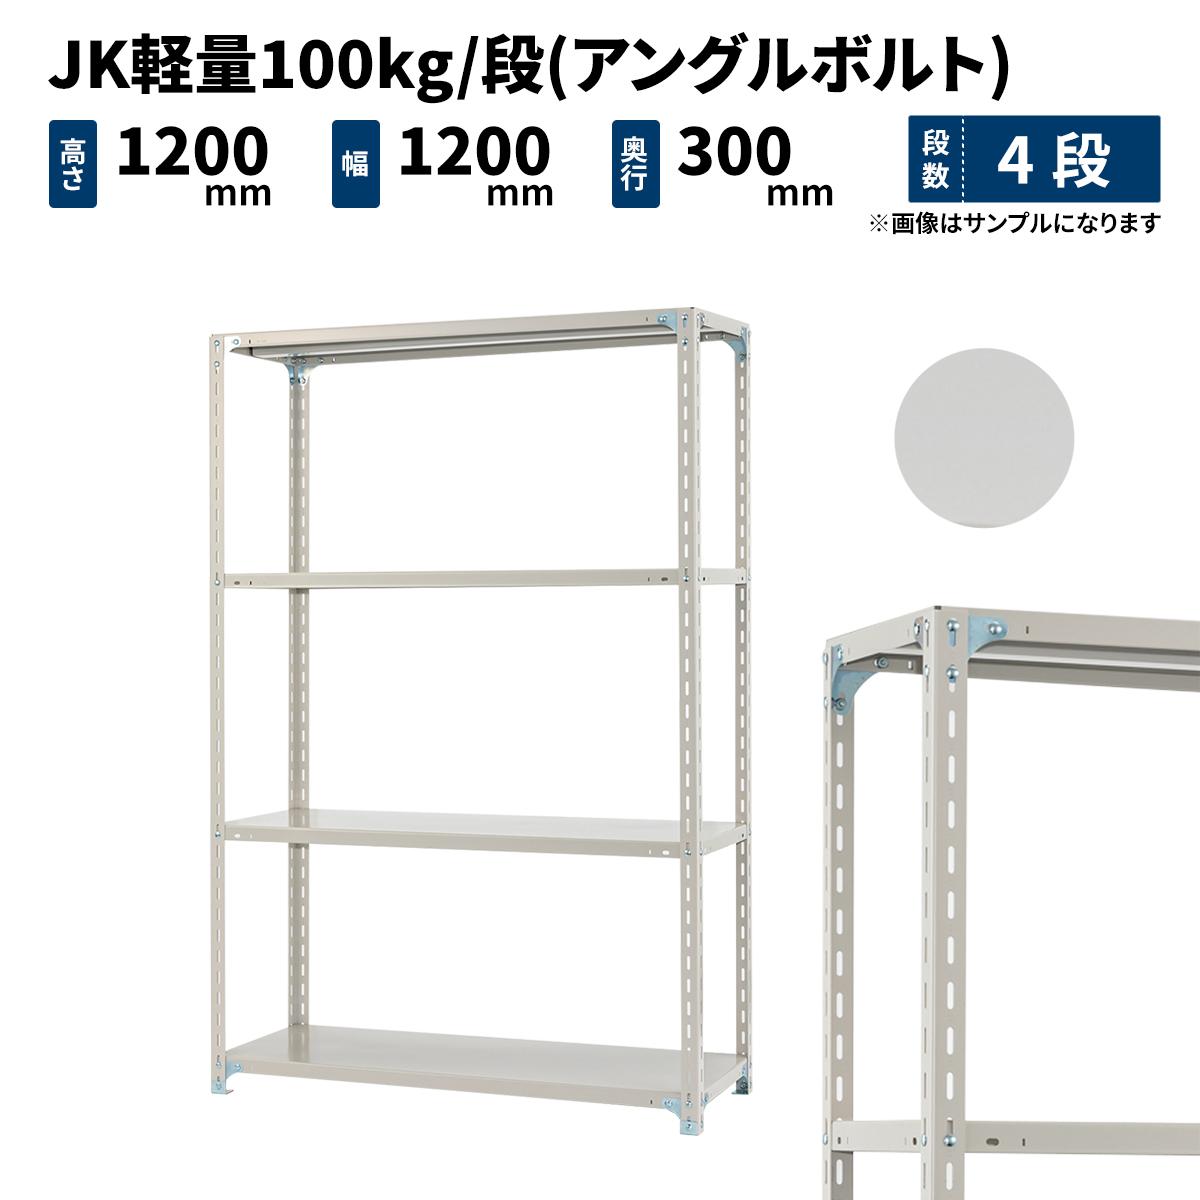 スチールラック 業務用 JK軽量100kg/段(アングルボルト) 高さ1200×幅1200×奥行300mm 4段 ホワイトグレー (25kg) JK100BT-121203-4